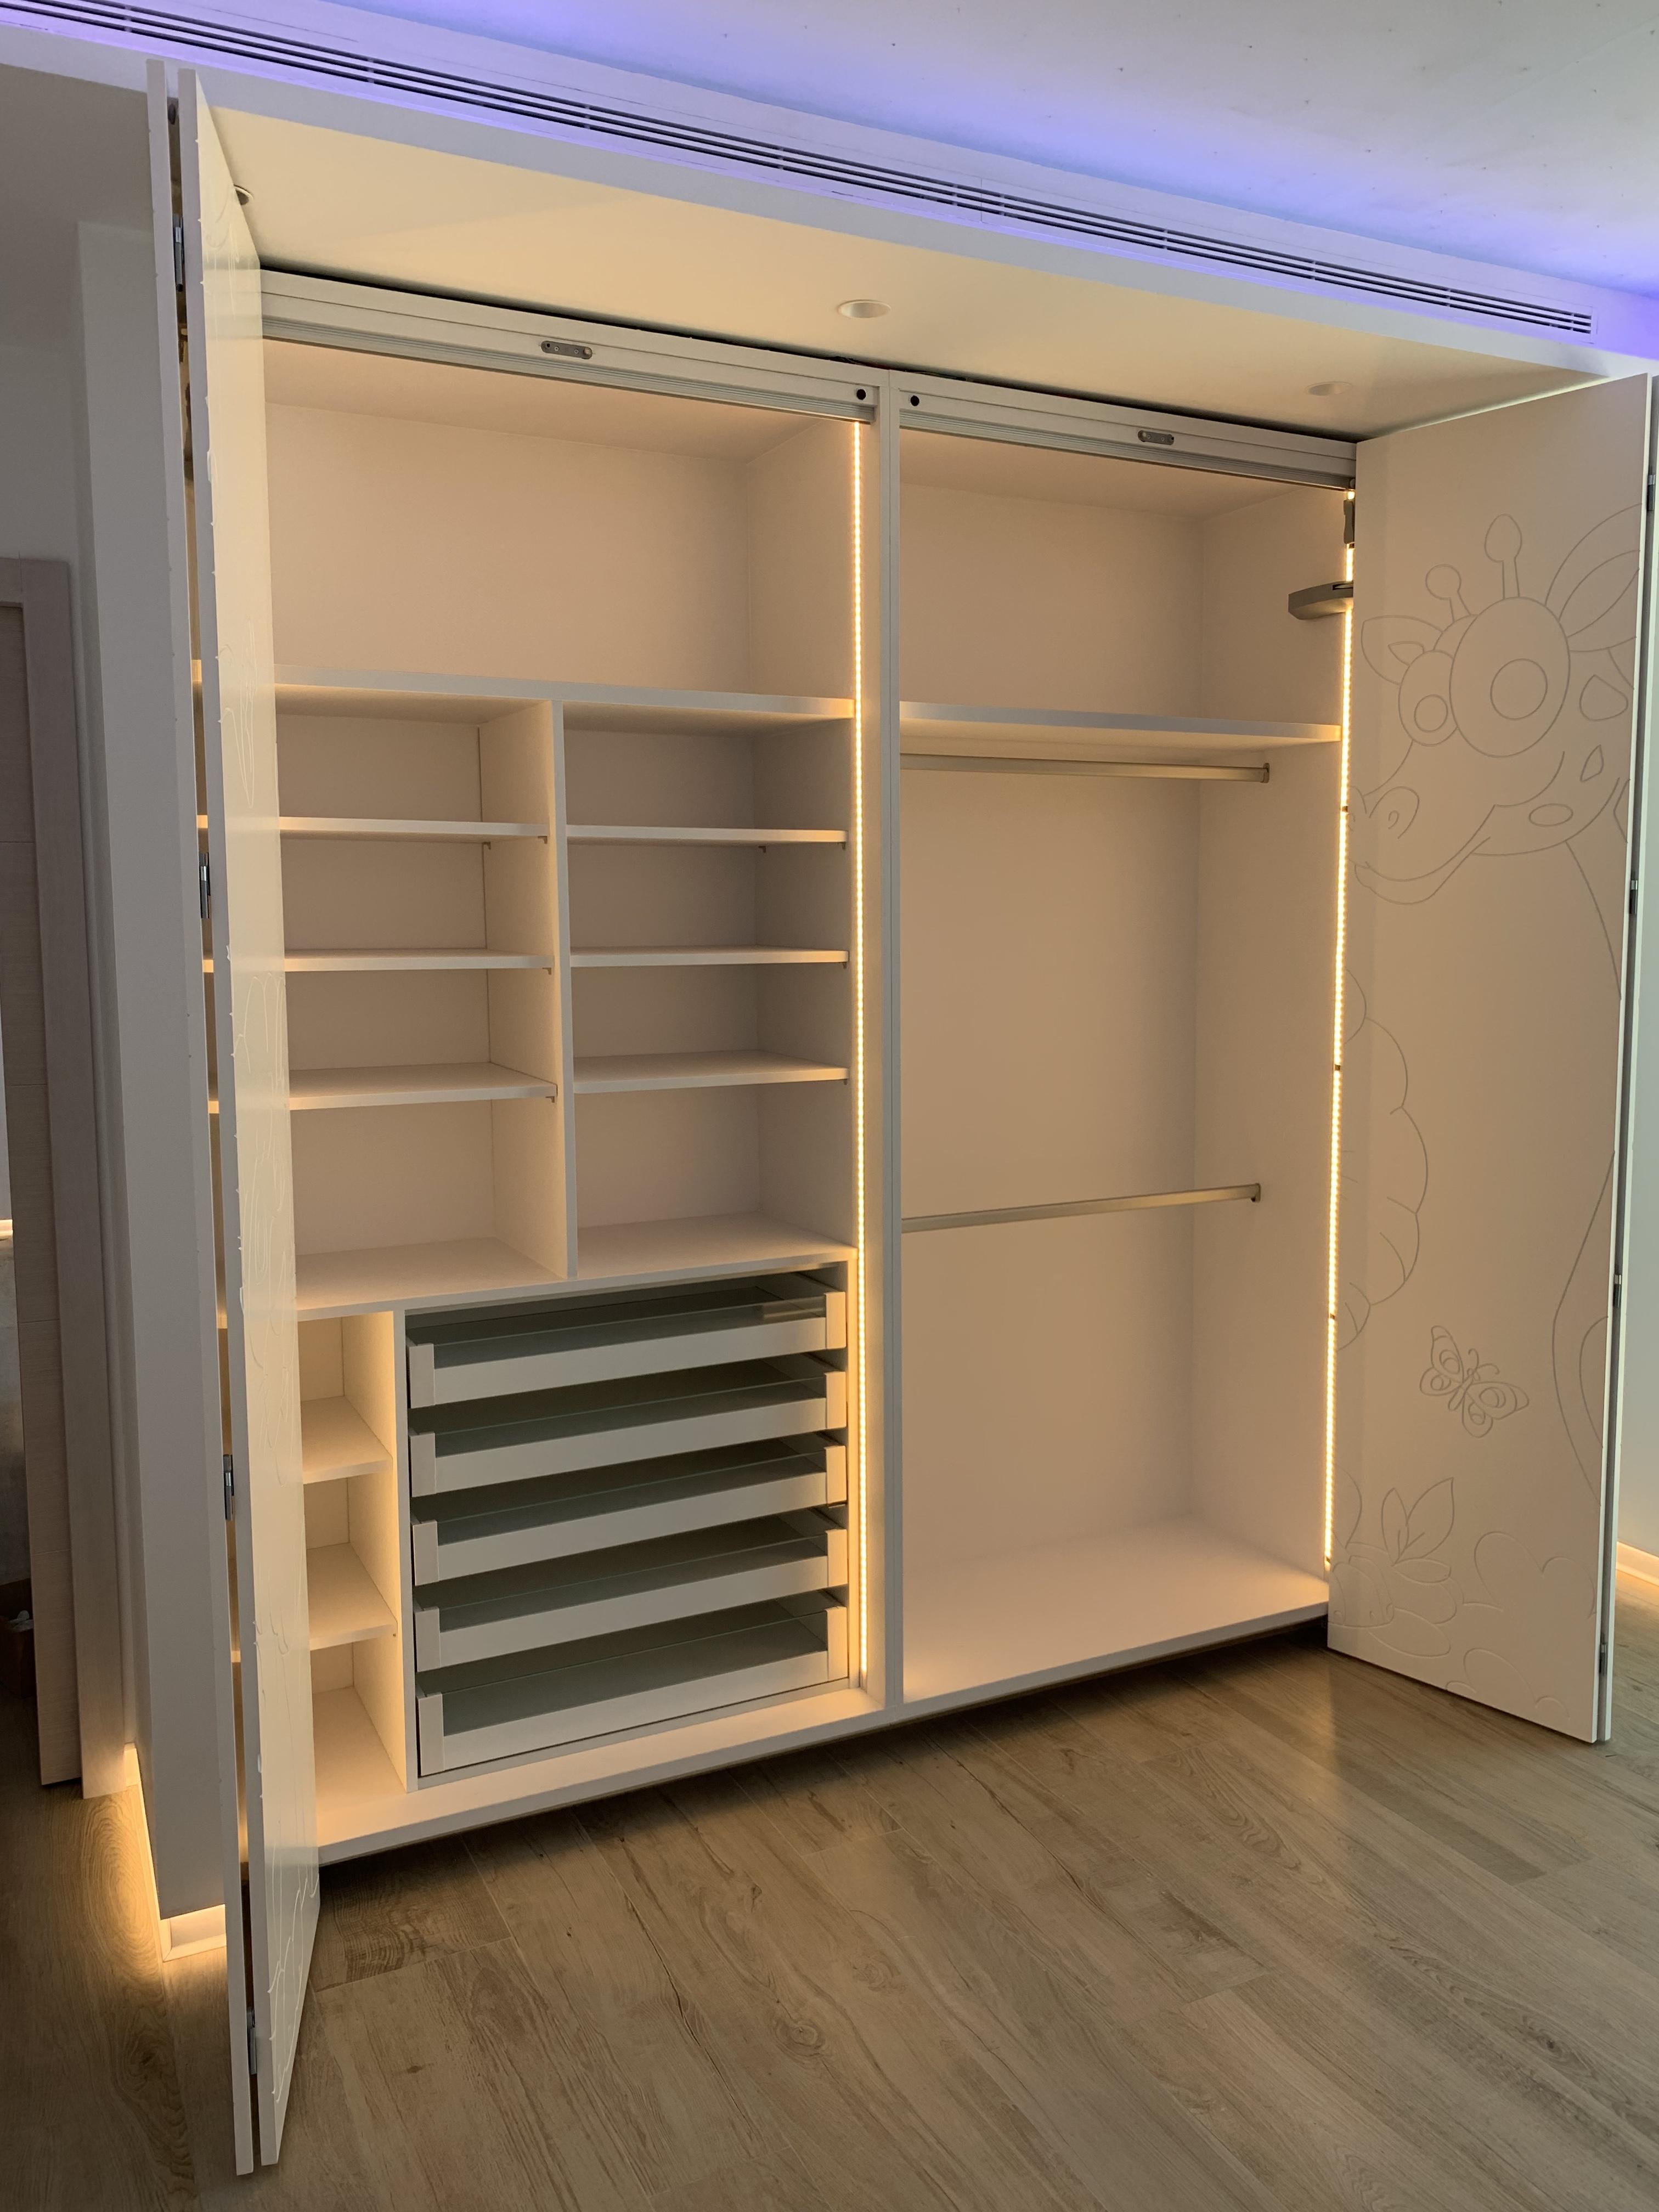 Armario de puertas plegables con apertura asistida e iluminación automática